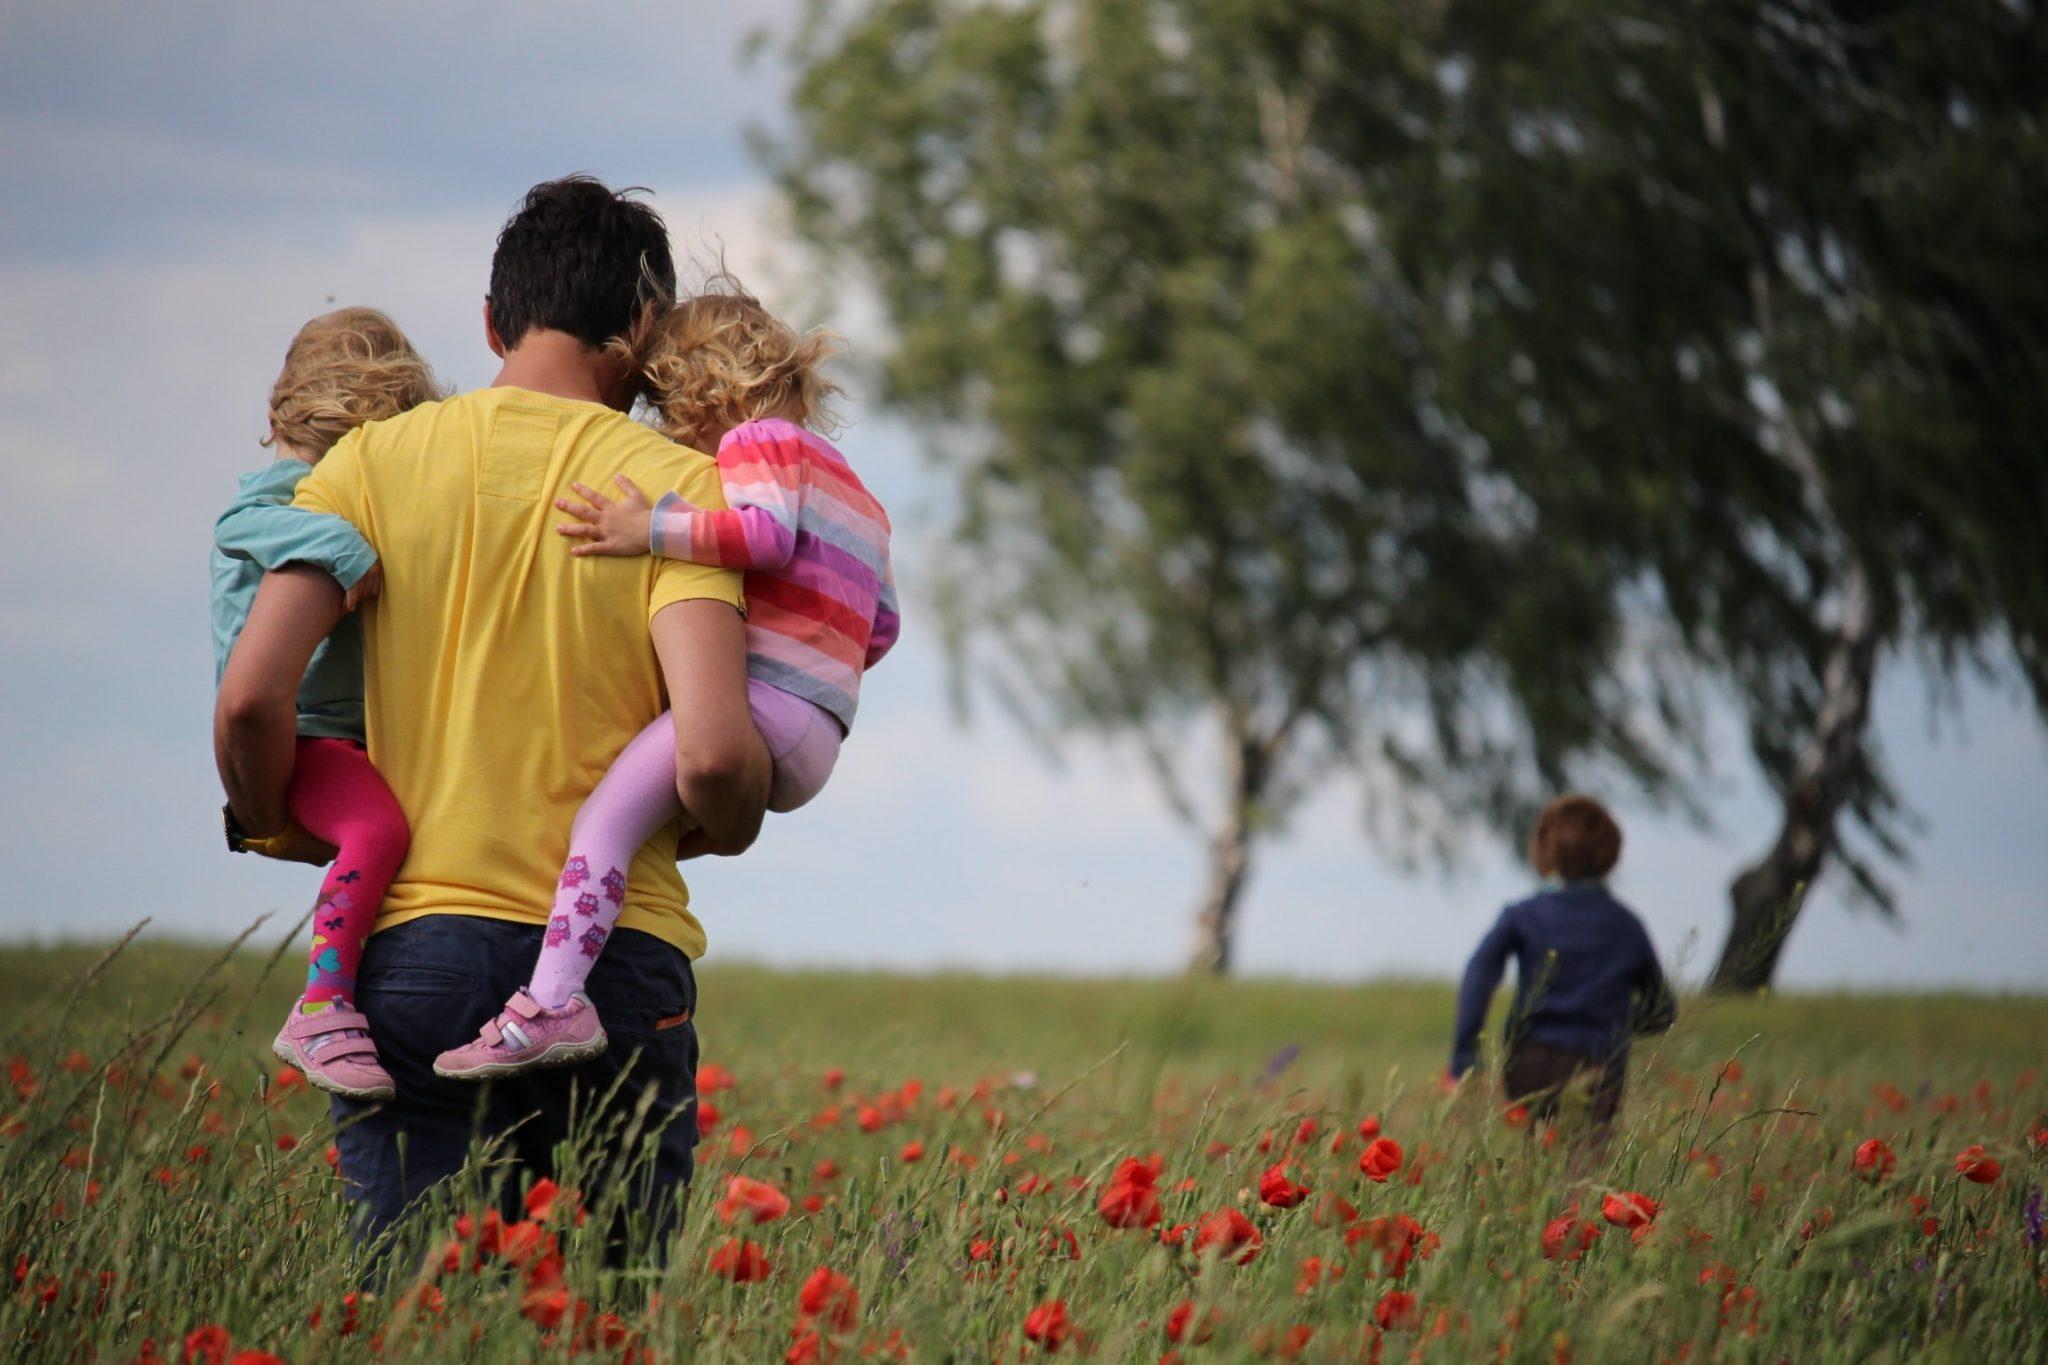 Pogotowie rodzinne – co to jest i jakie pełni funkcje?